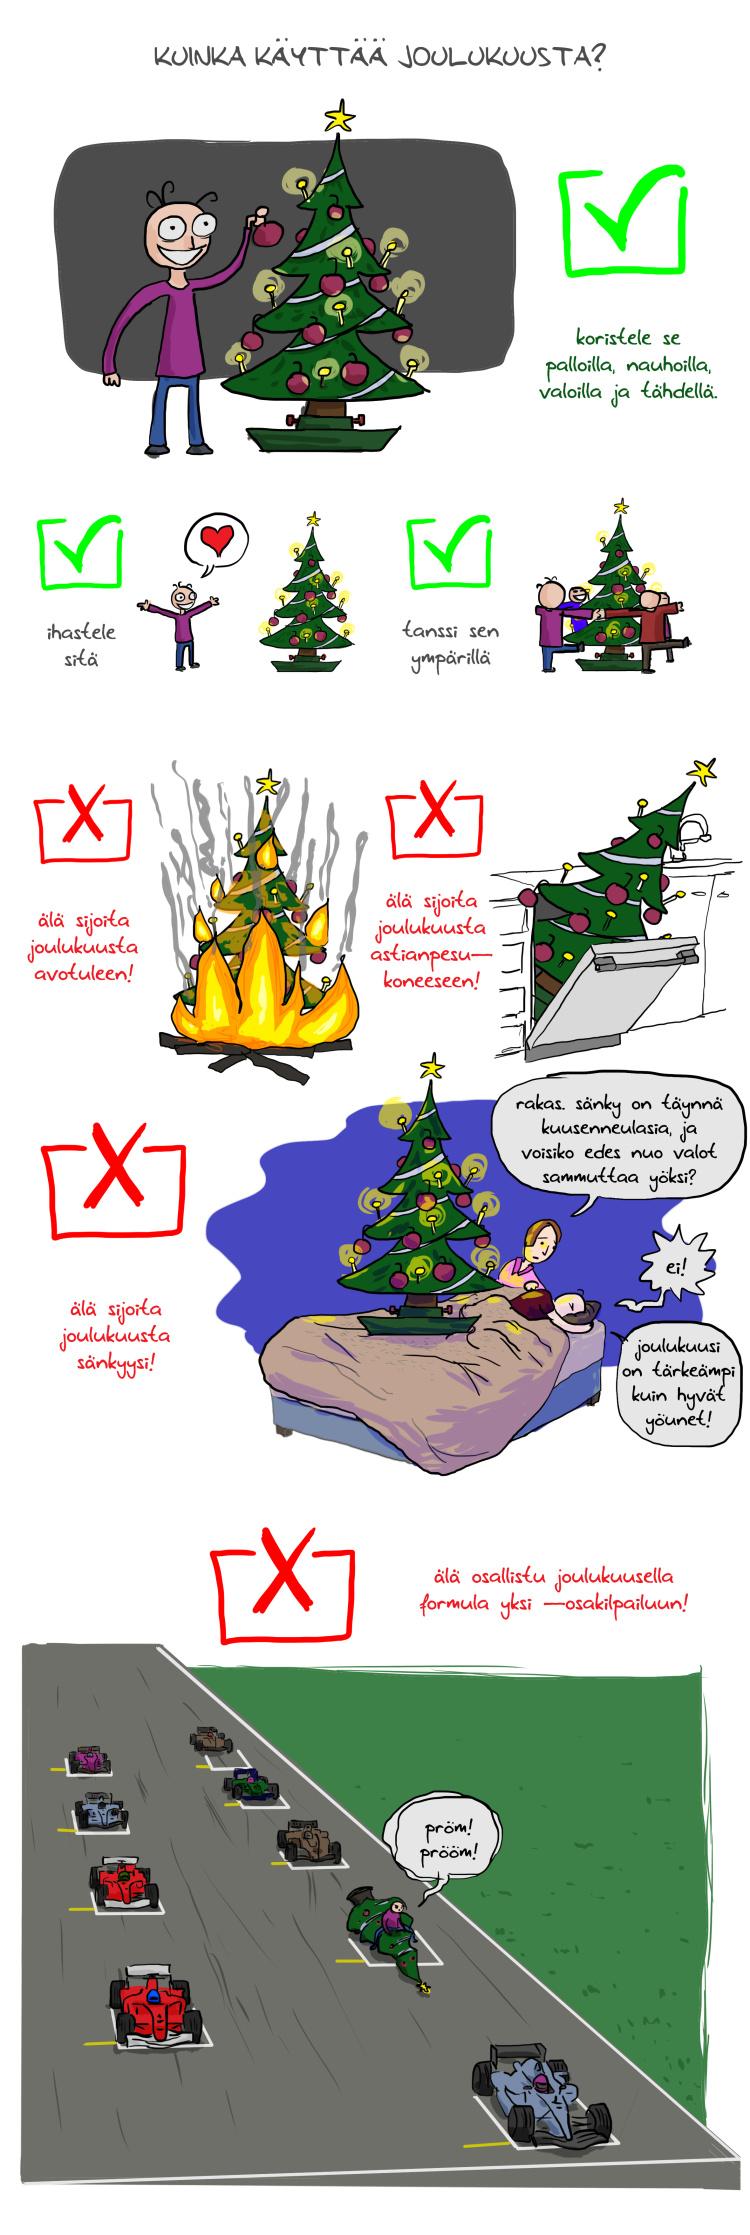 Kuinka käyttää joulukuusta?